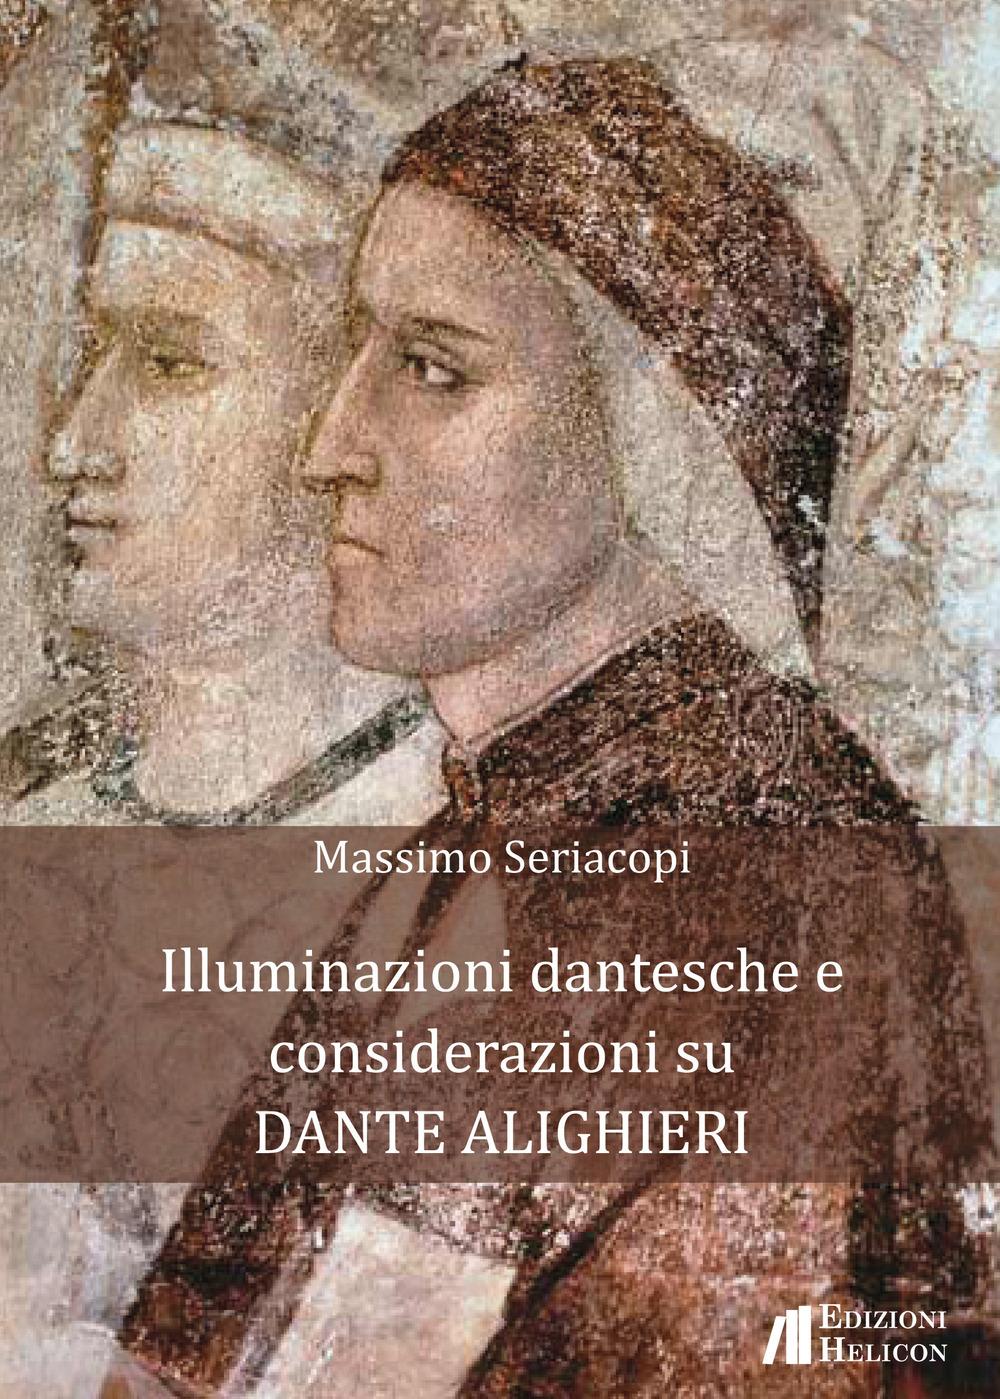 Illuminazioni dantesche e considerazioni su Dante Alighieri